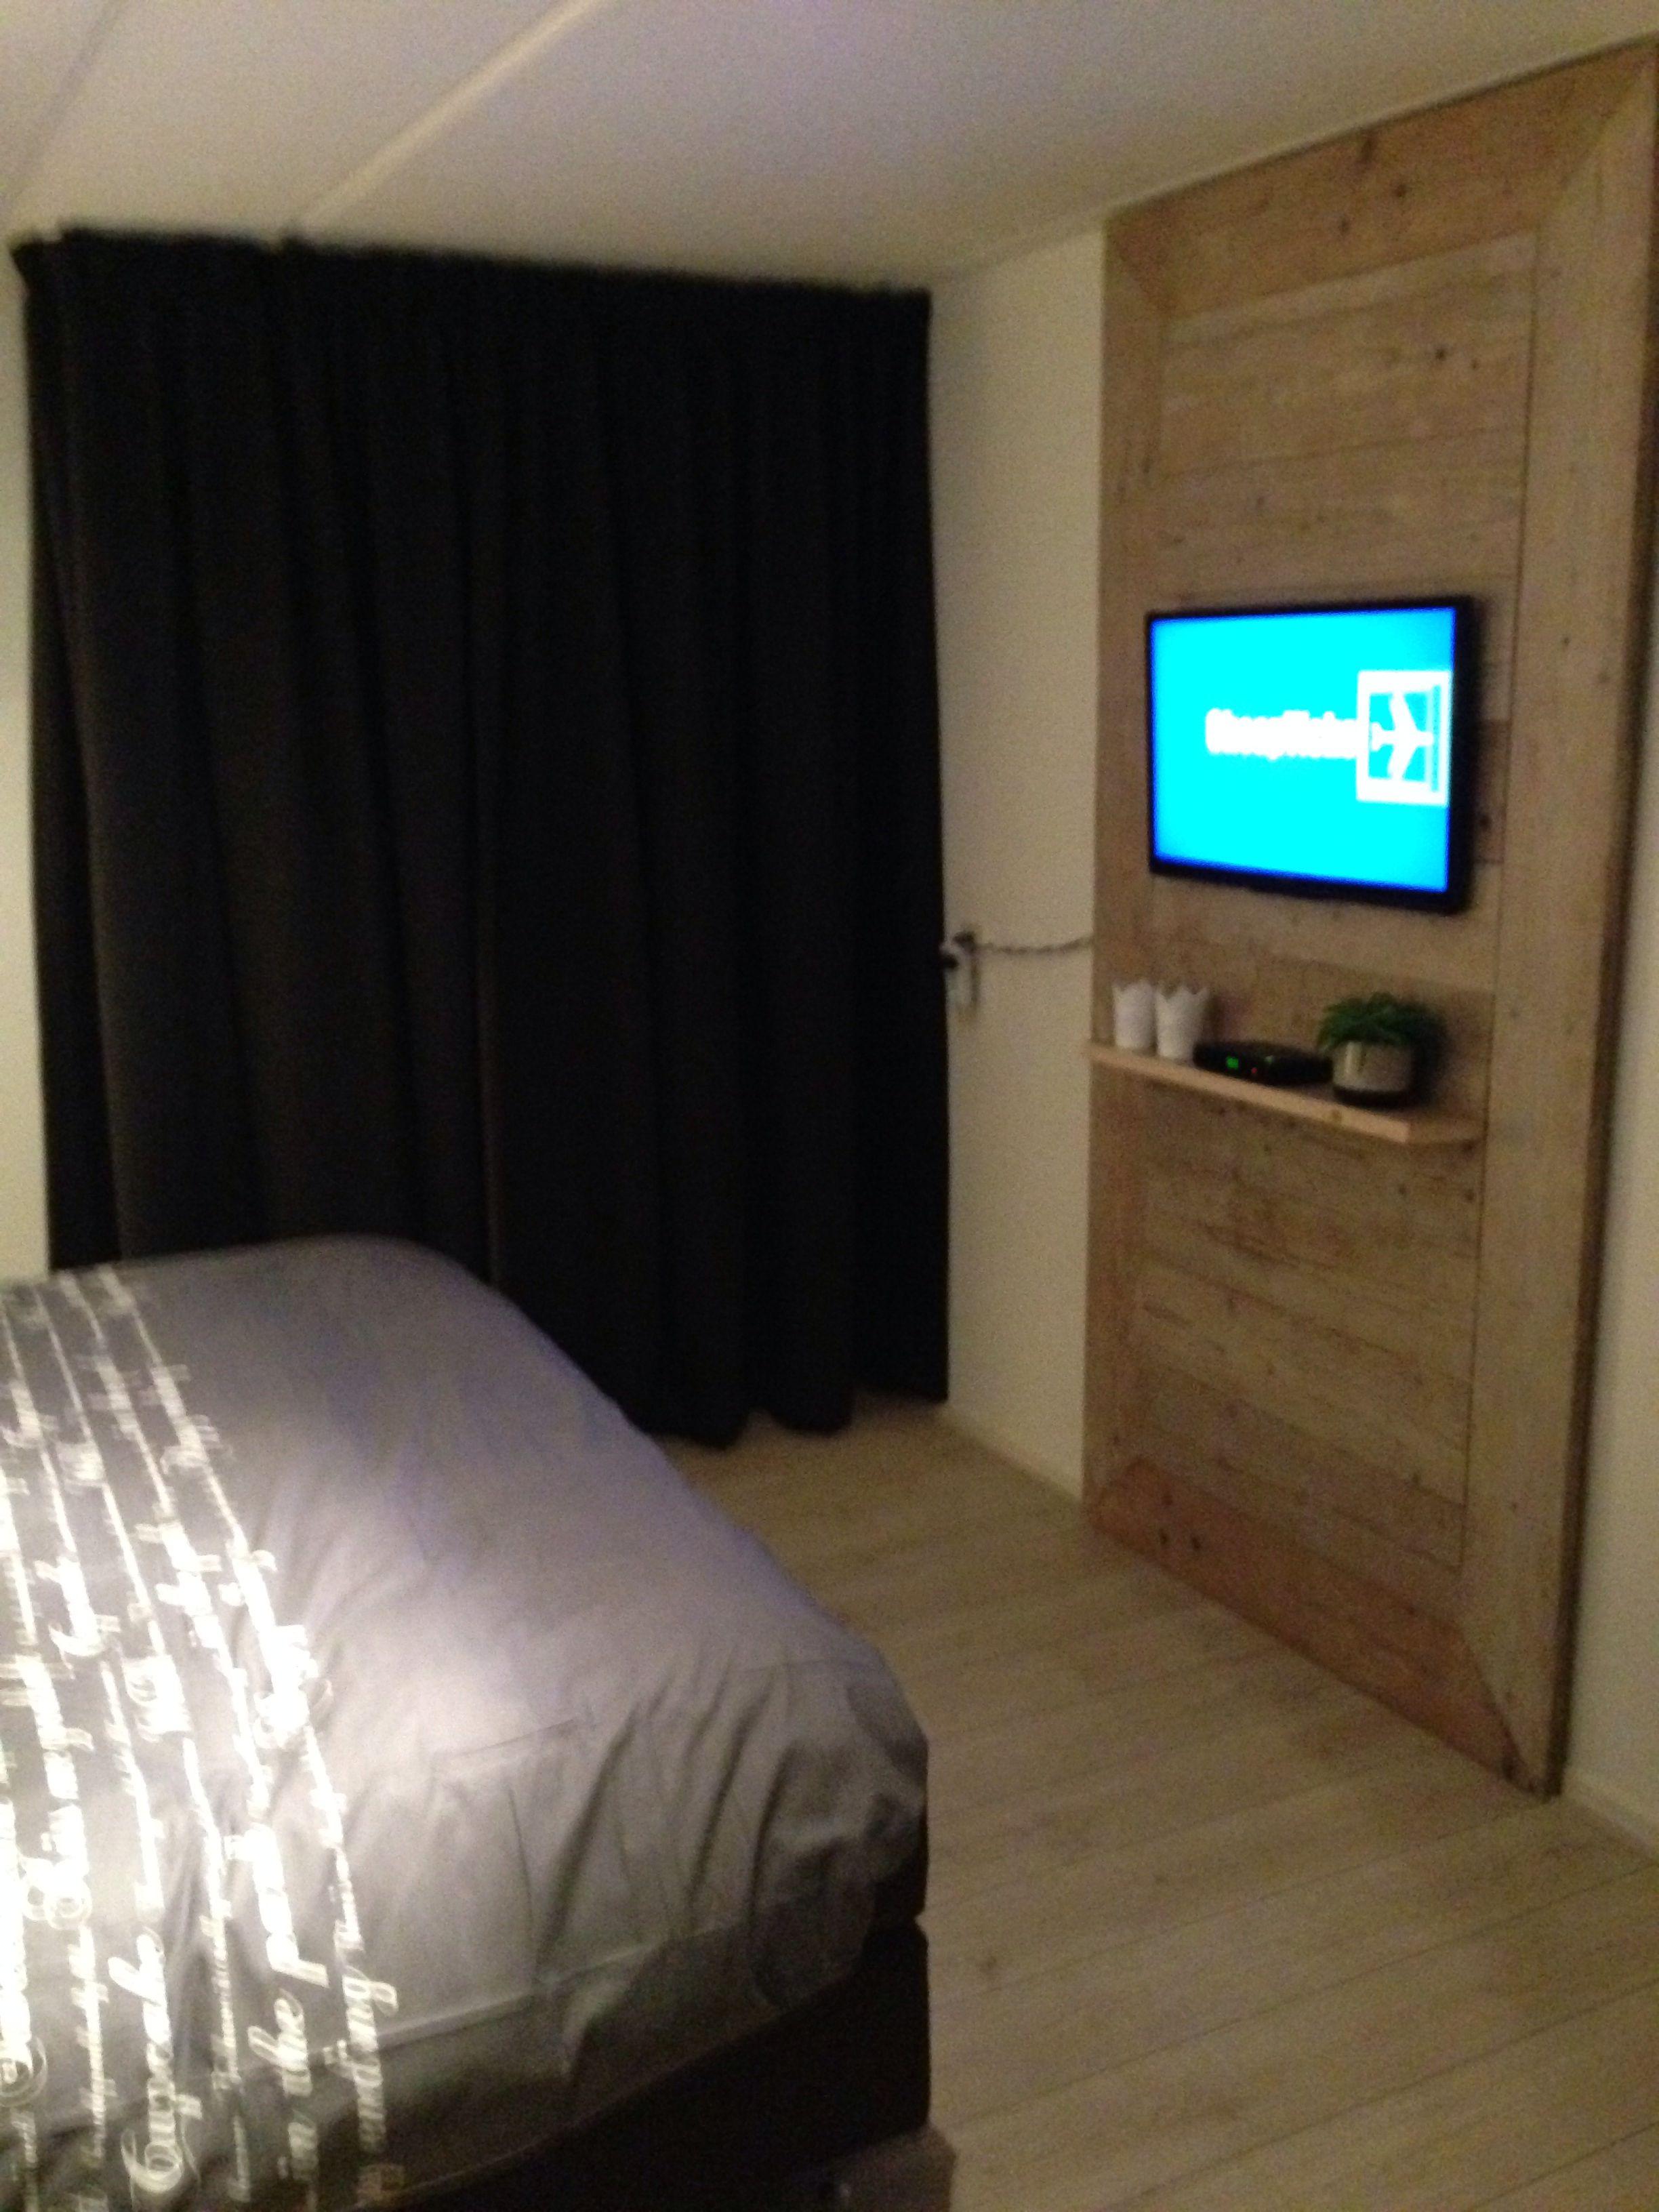 Tv Voor De Slaapkamer.Slaapkamer Met Steigerhouten Wand Voor Televisie Leuk Idee Maar Dan